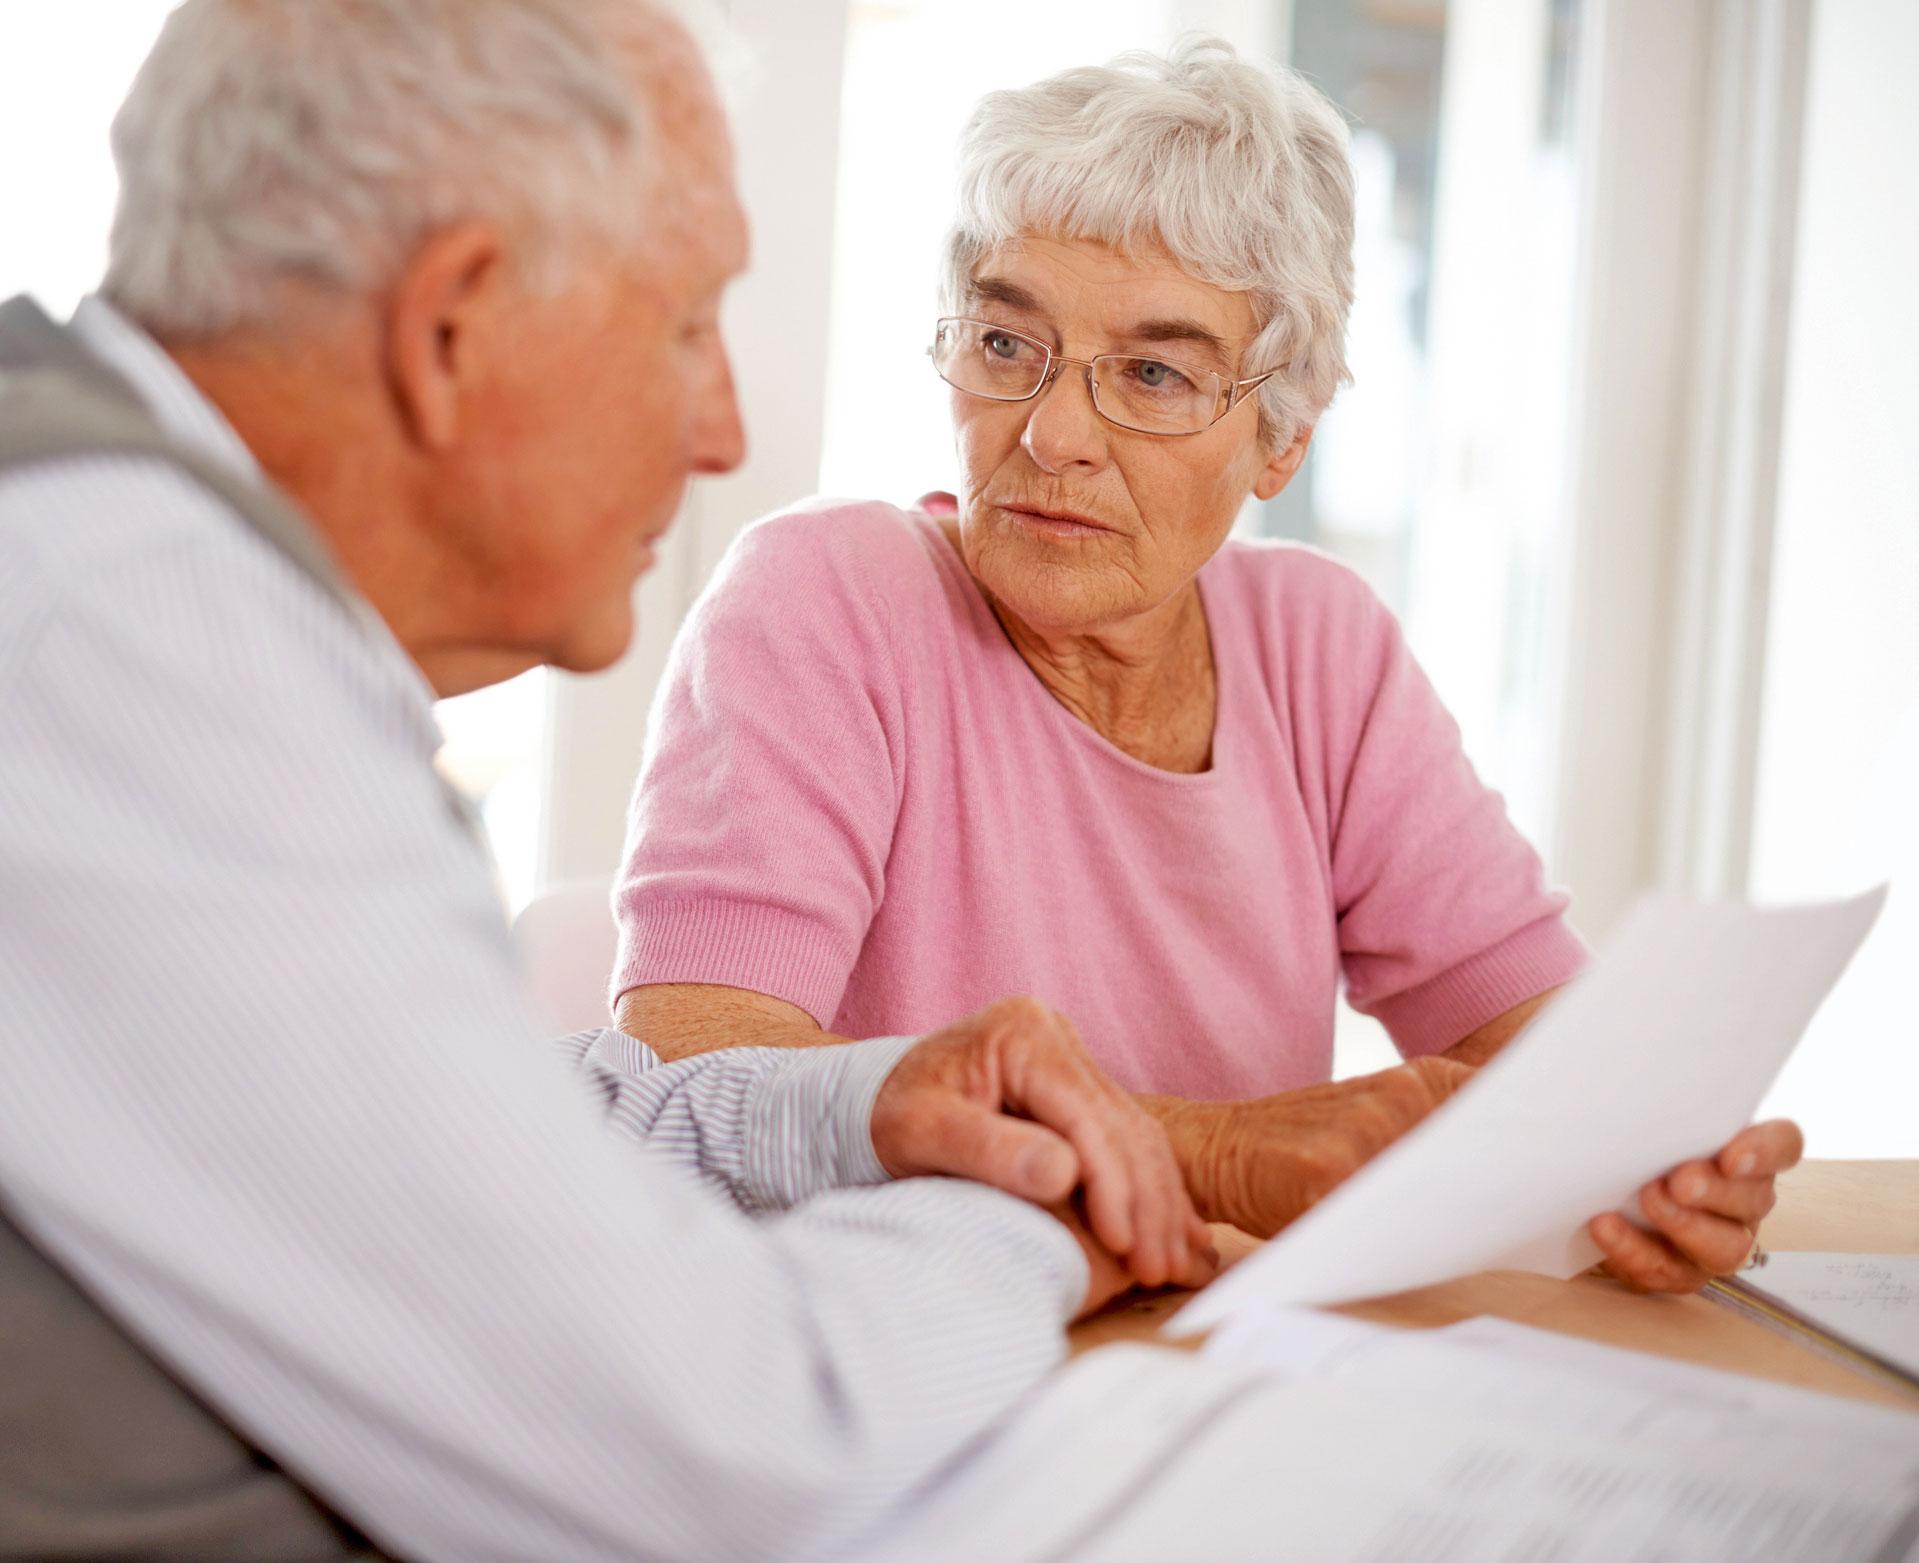 Hilfe - Ablehnungen von Verordnungen Häuslicher Krankenpflege